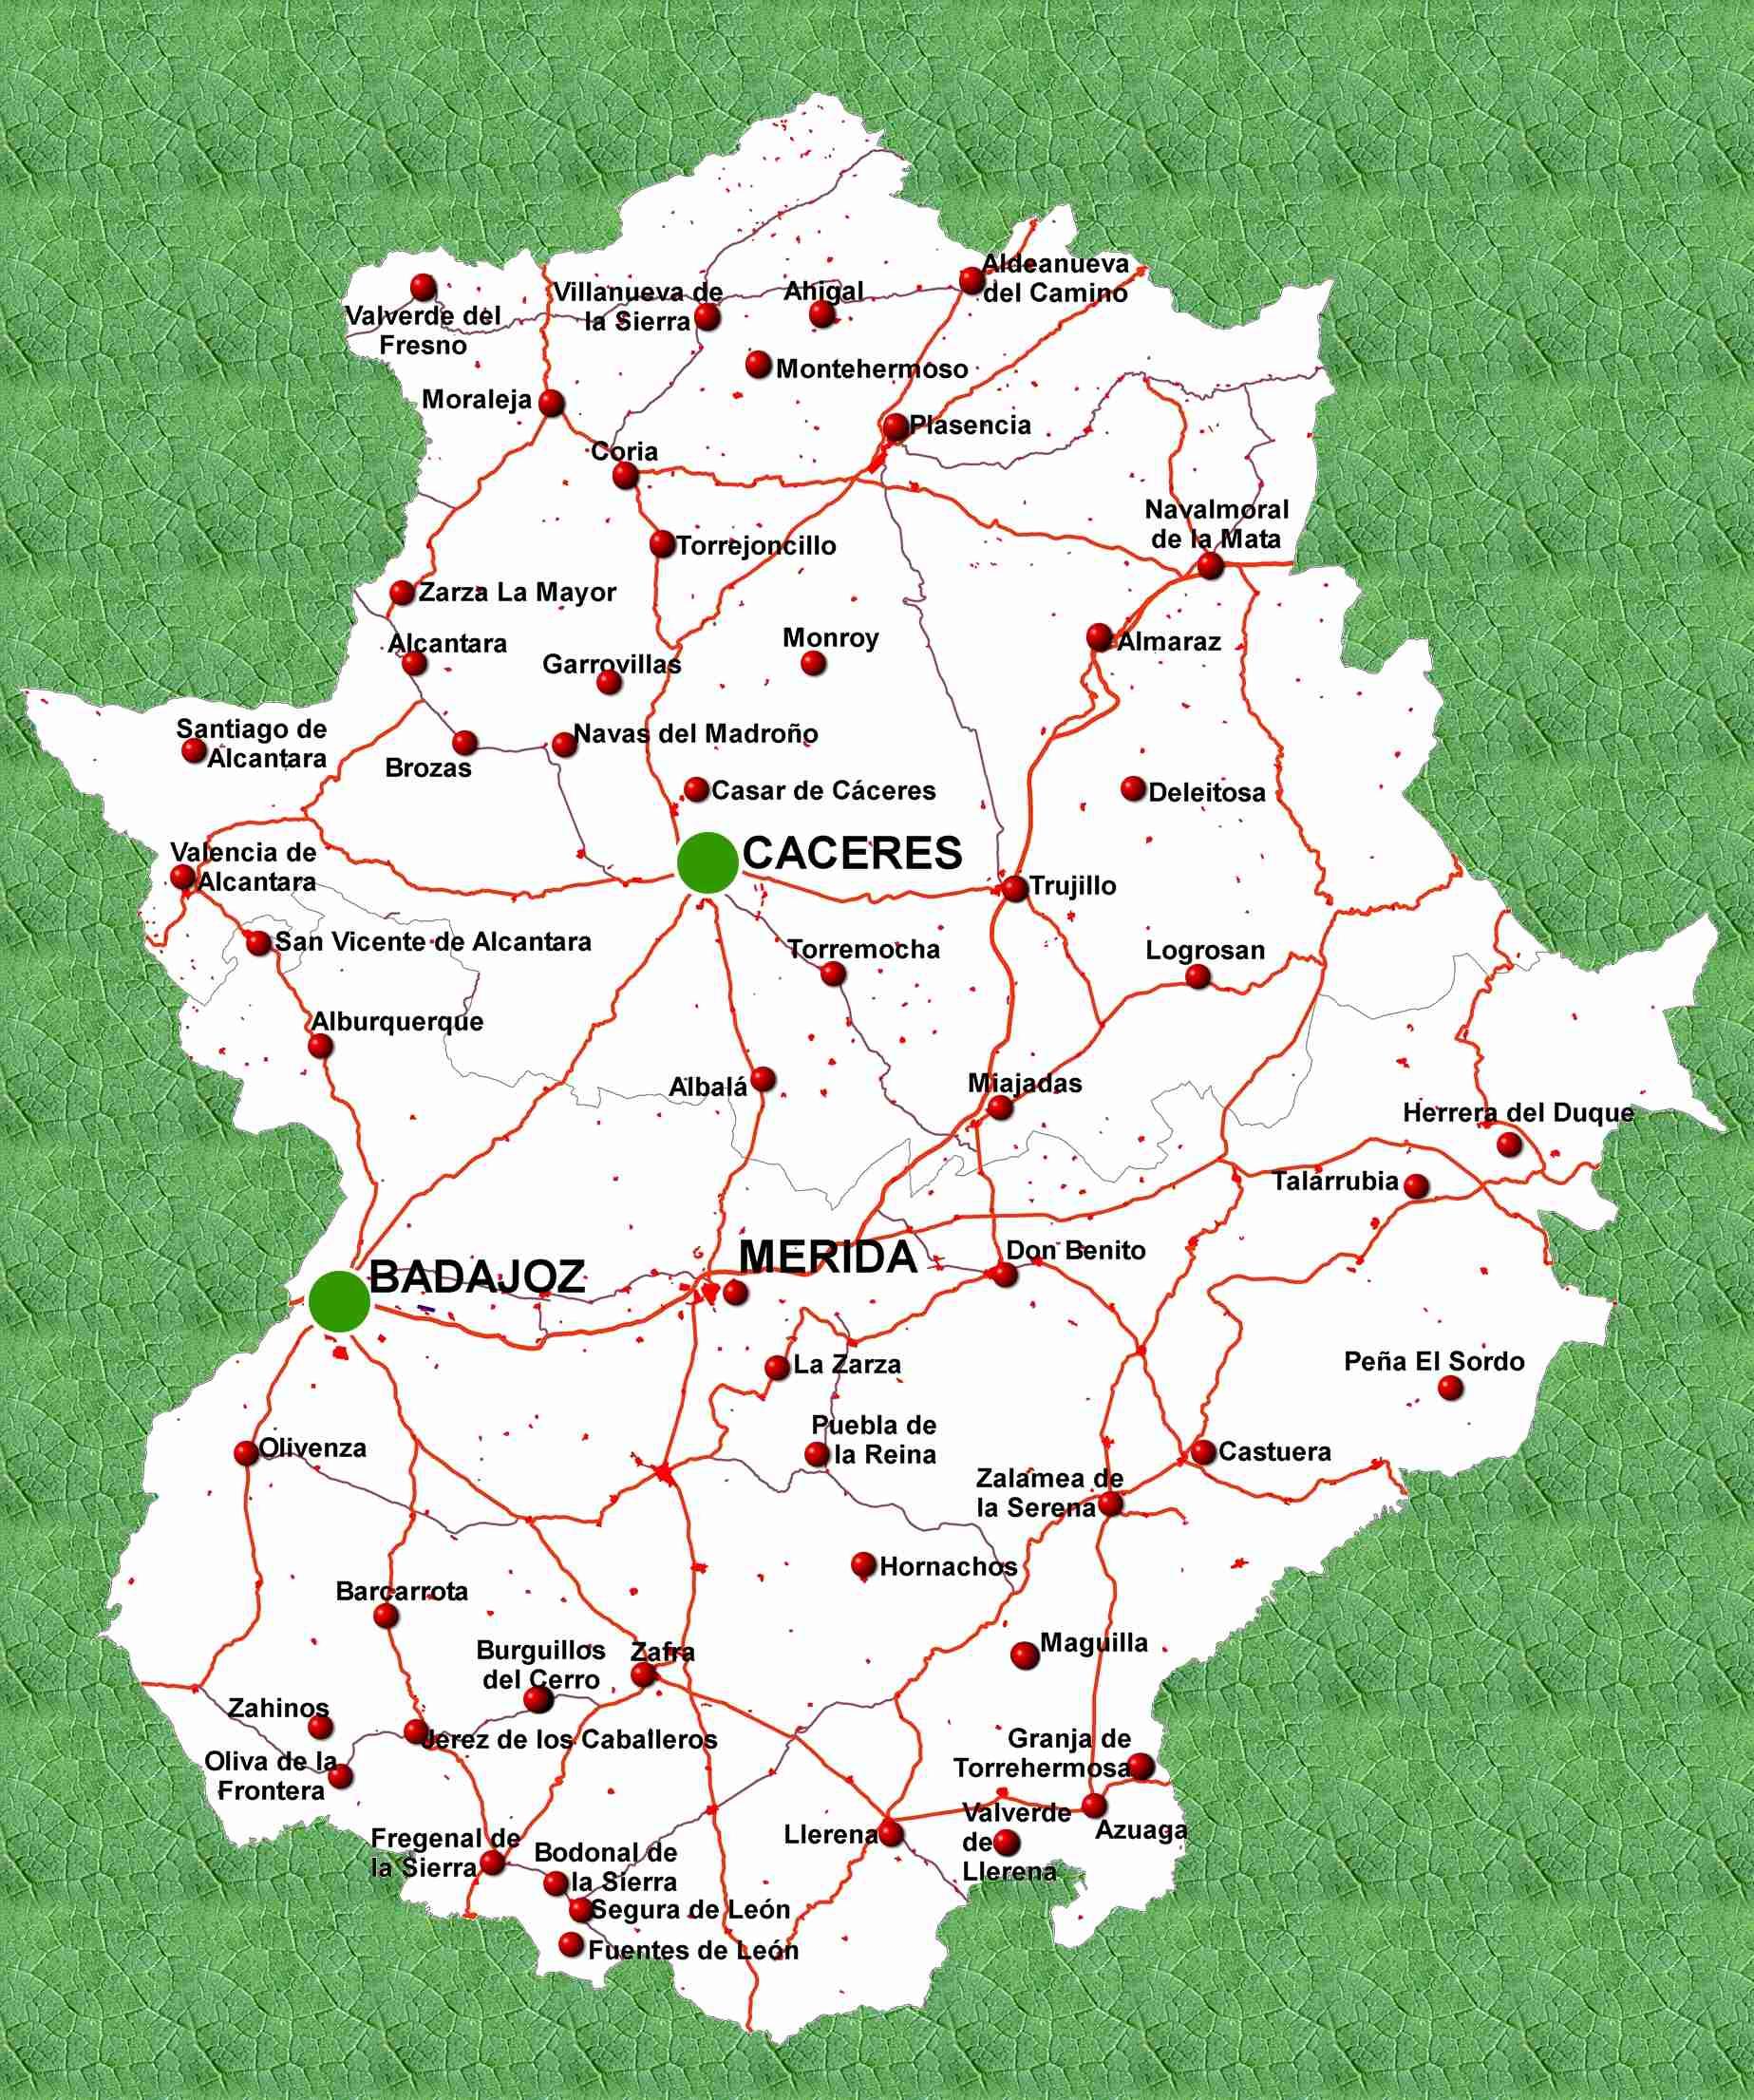 Mapa de carreteras de Extremadura